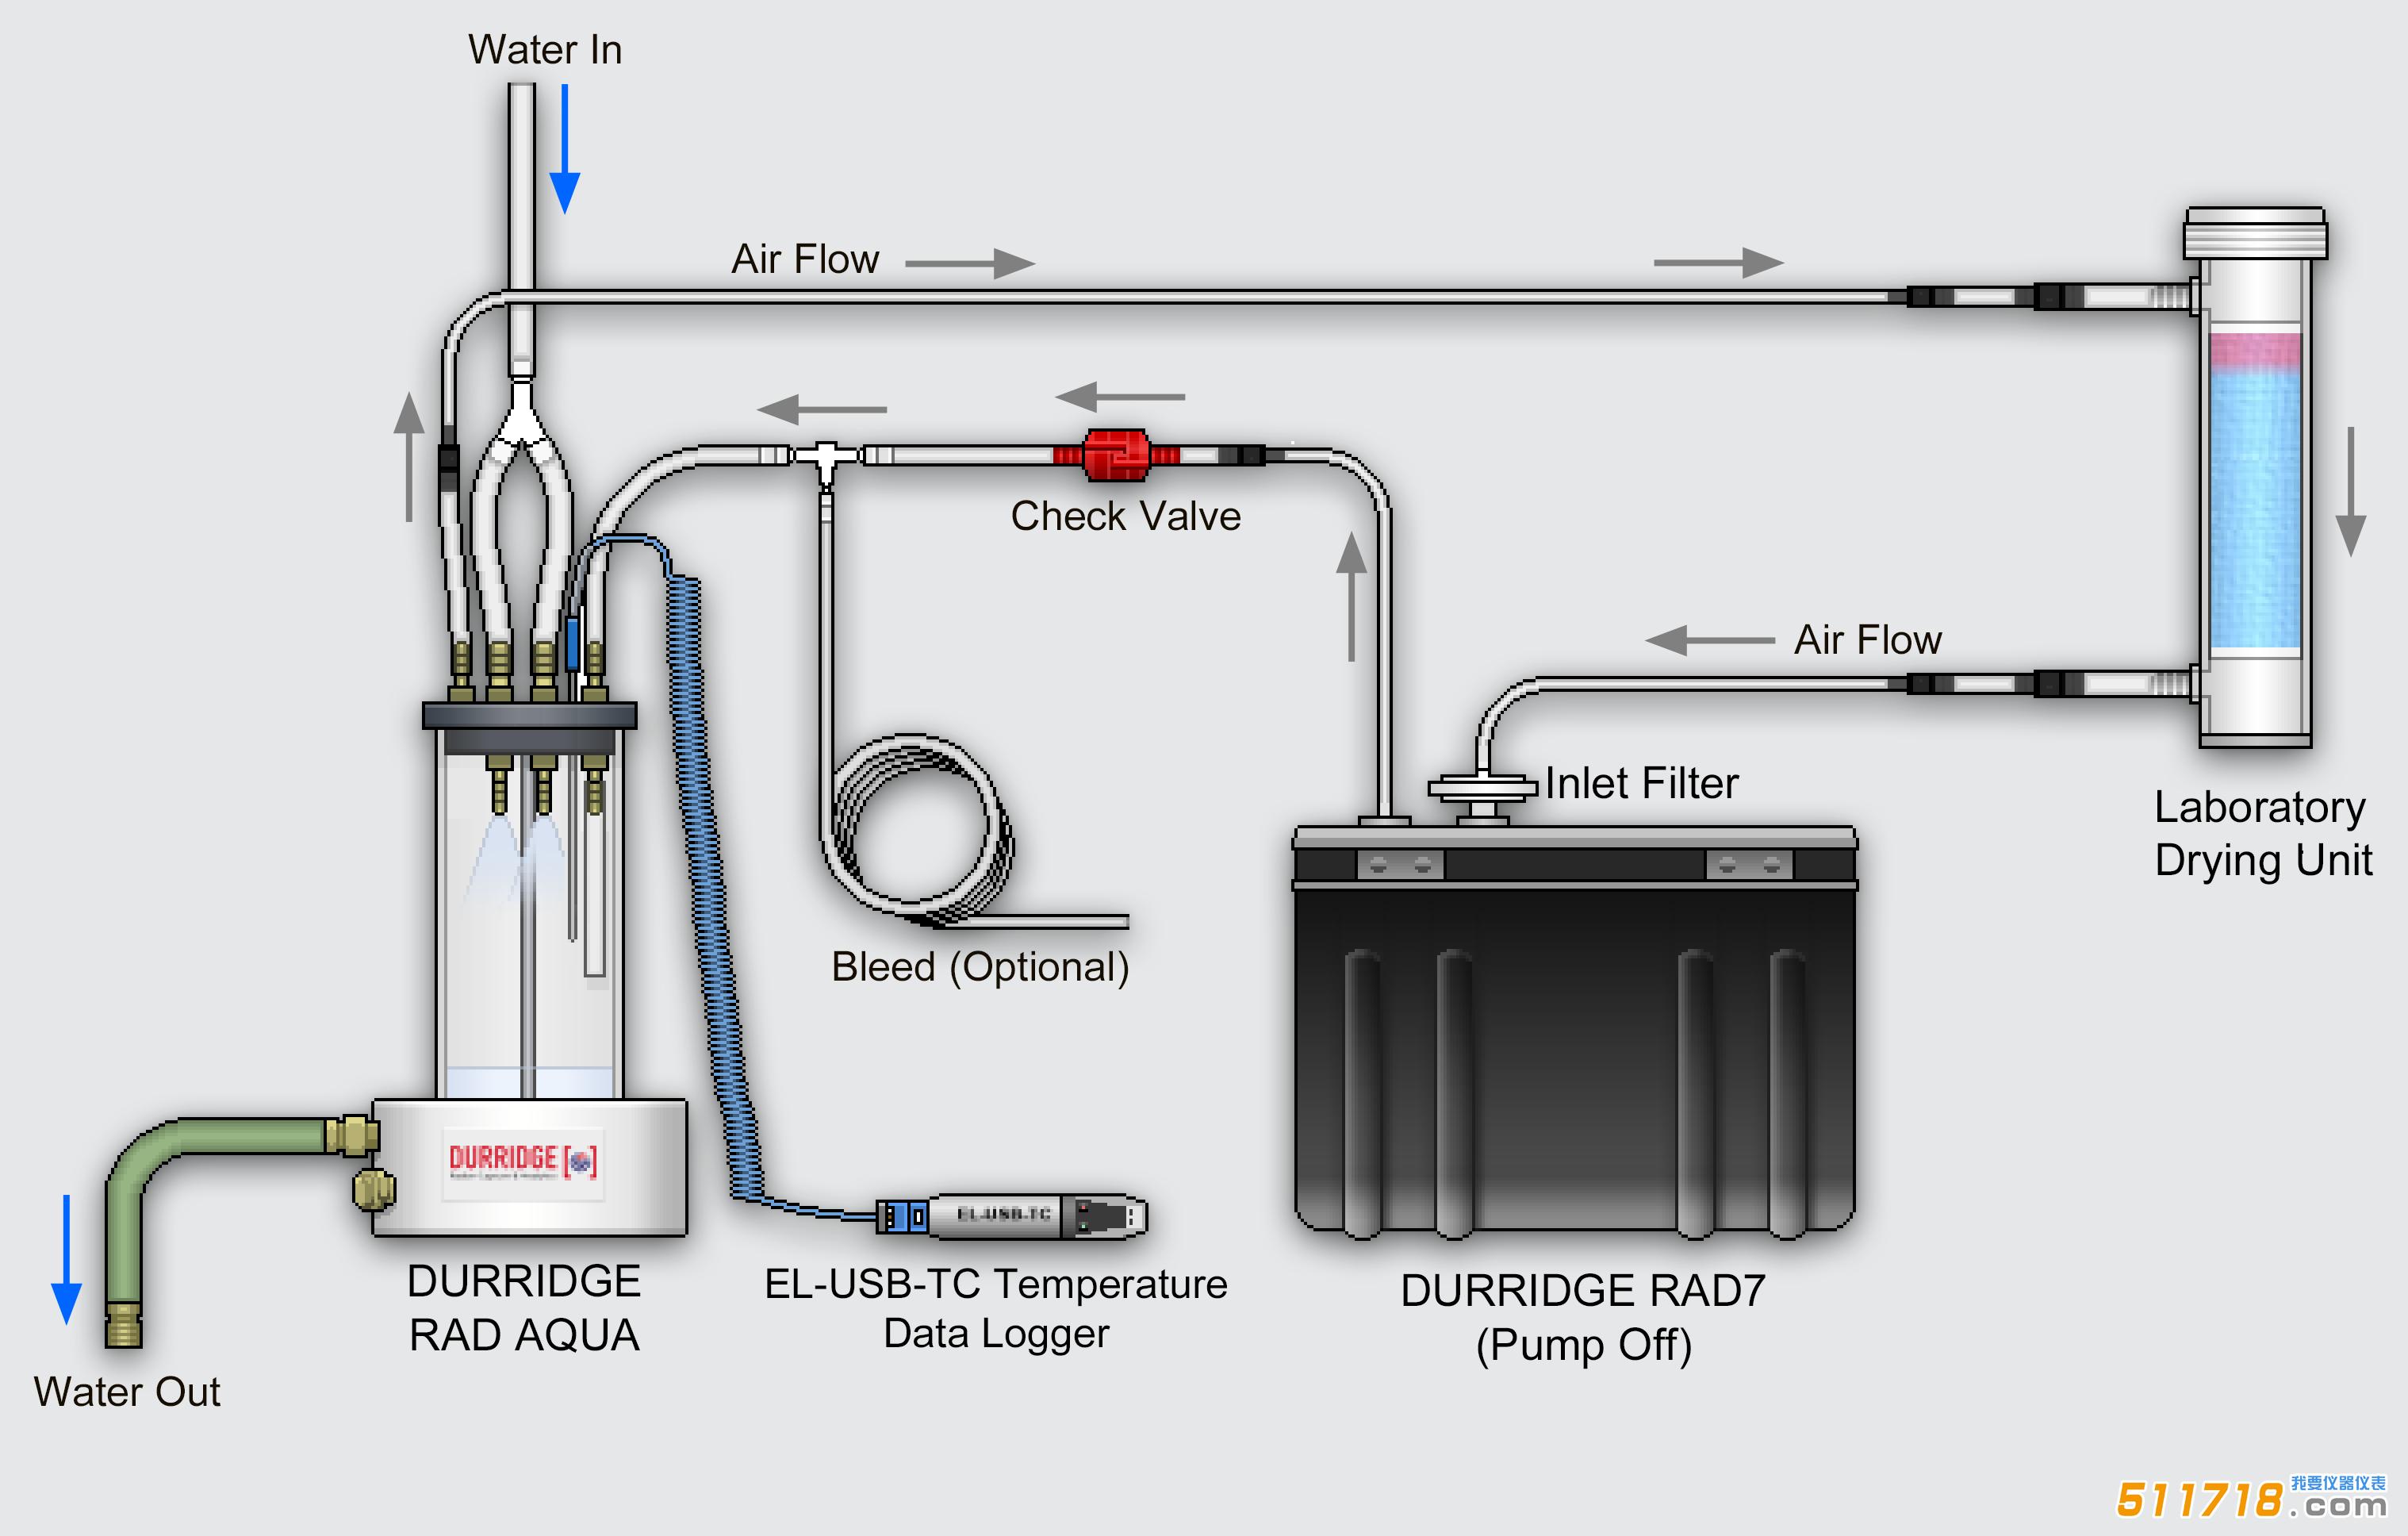 durridge-rad-aqua-standard-configuration.png